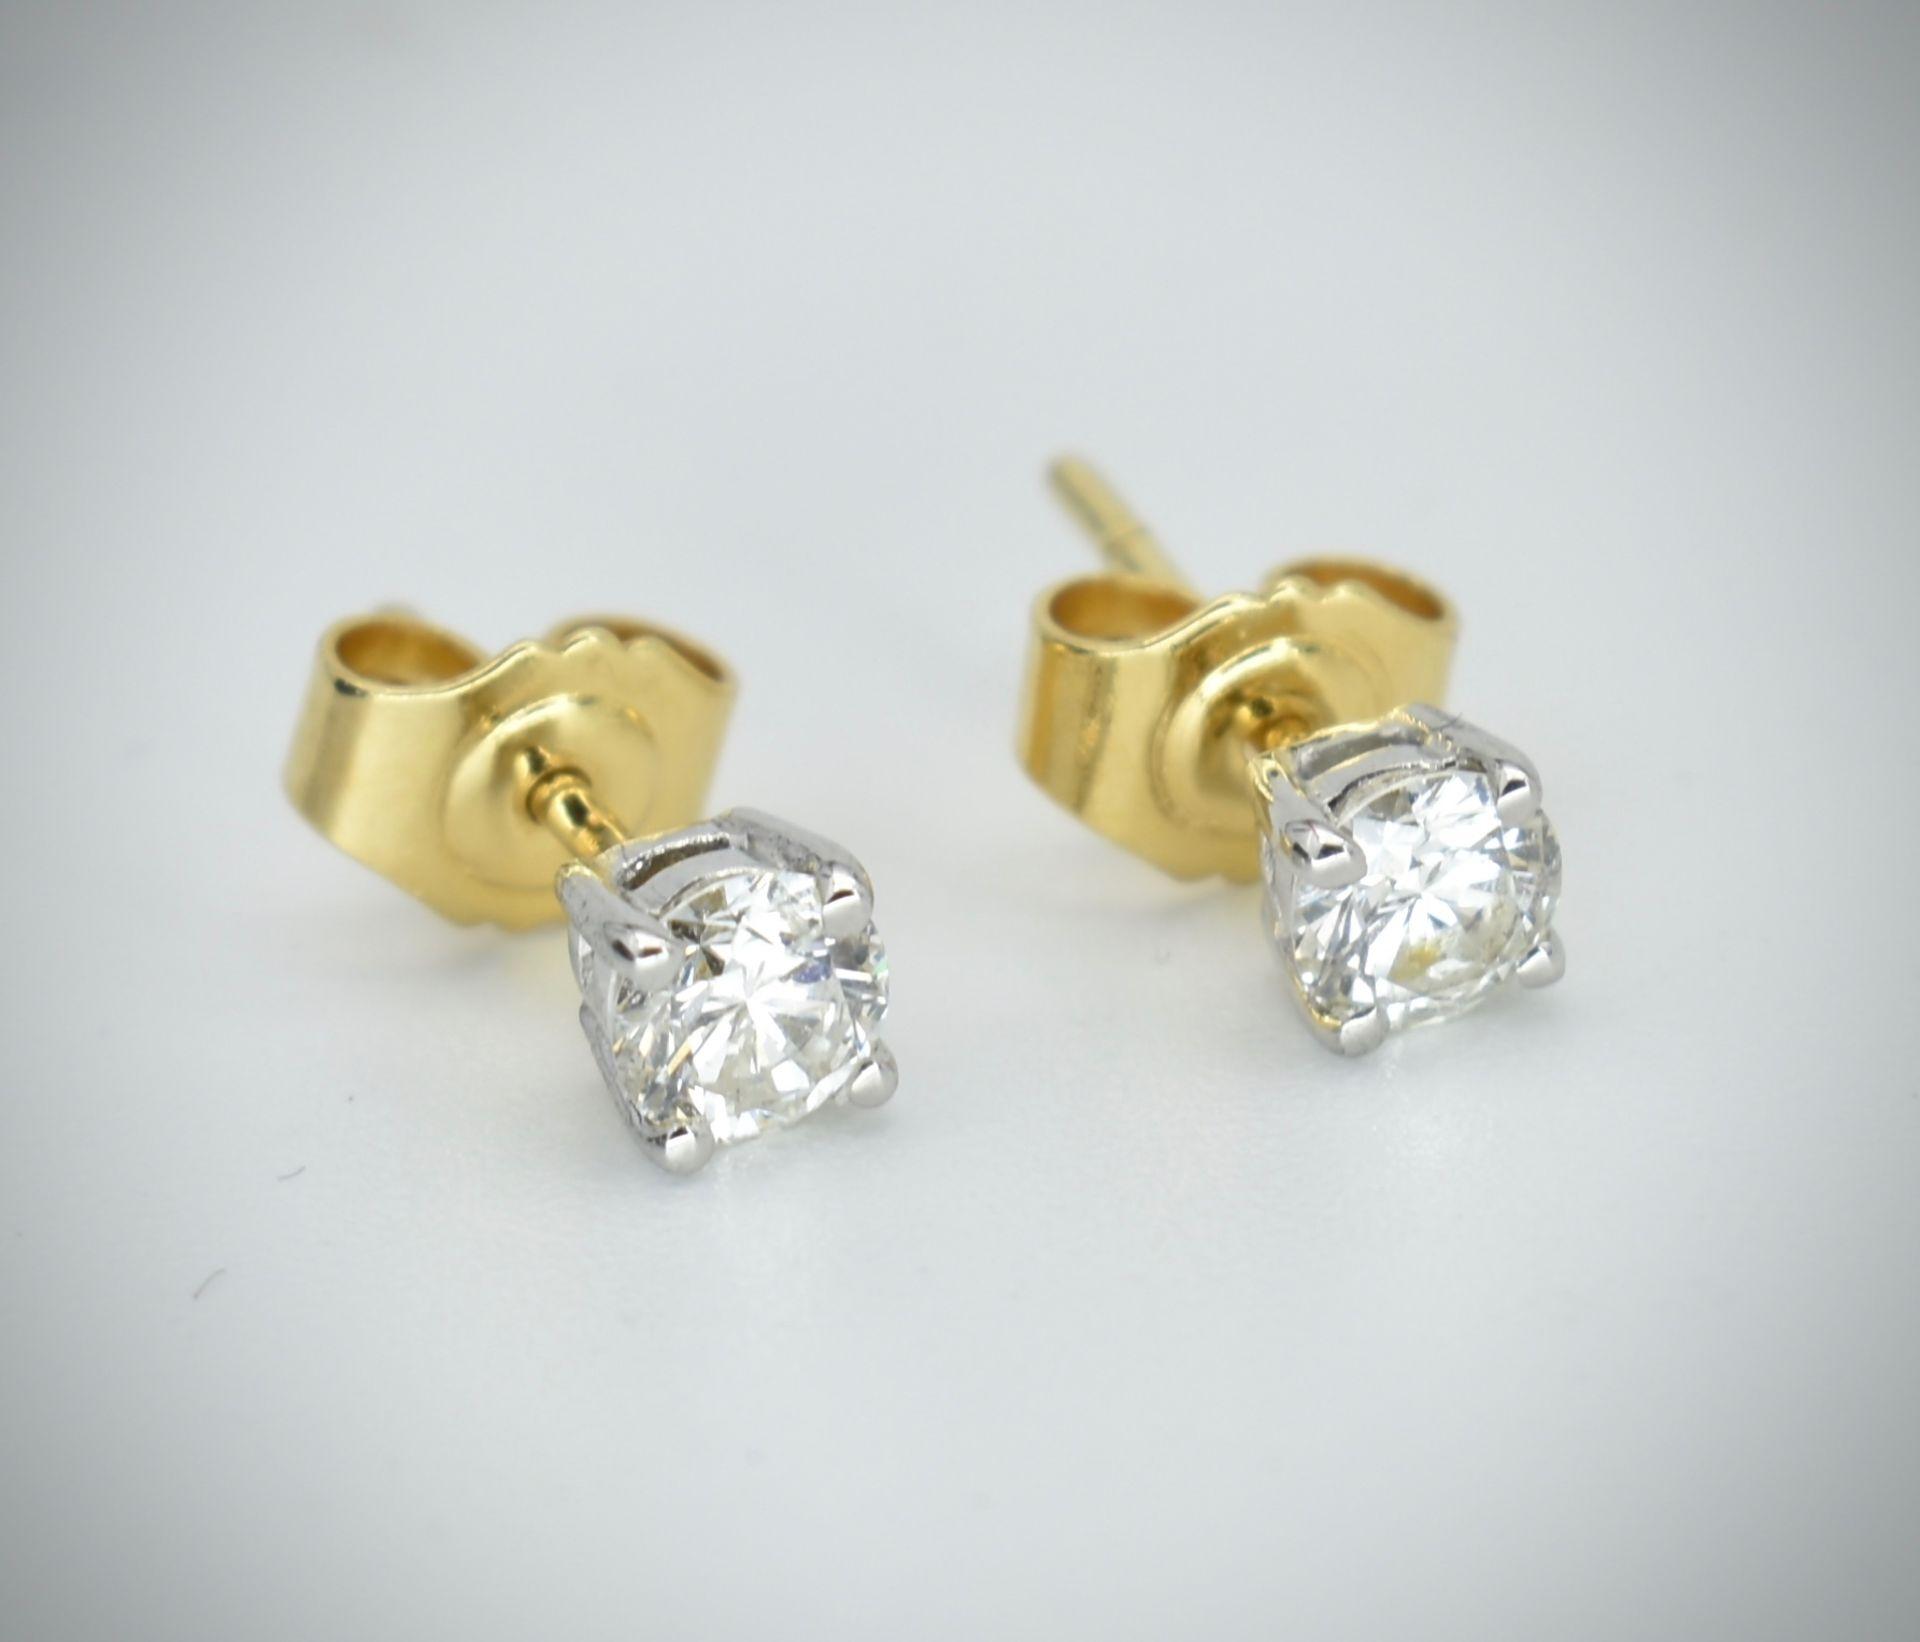 Pair of 18ct Gold & Diamond Stud Earrings